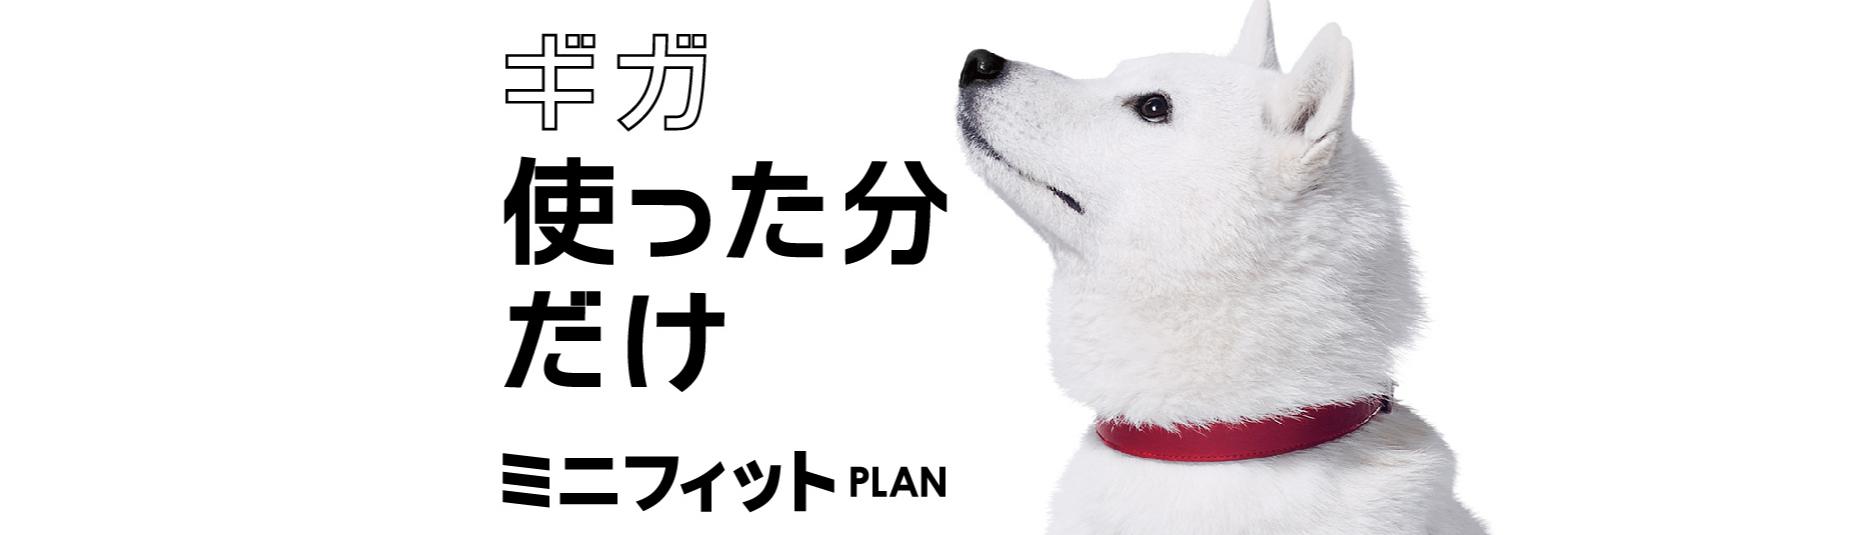 SoftBank_機種変更_ミニフィットプラン